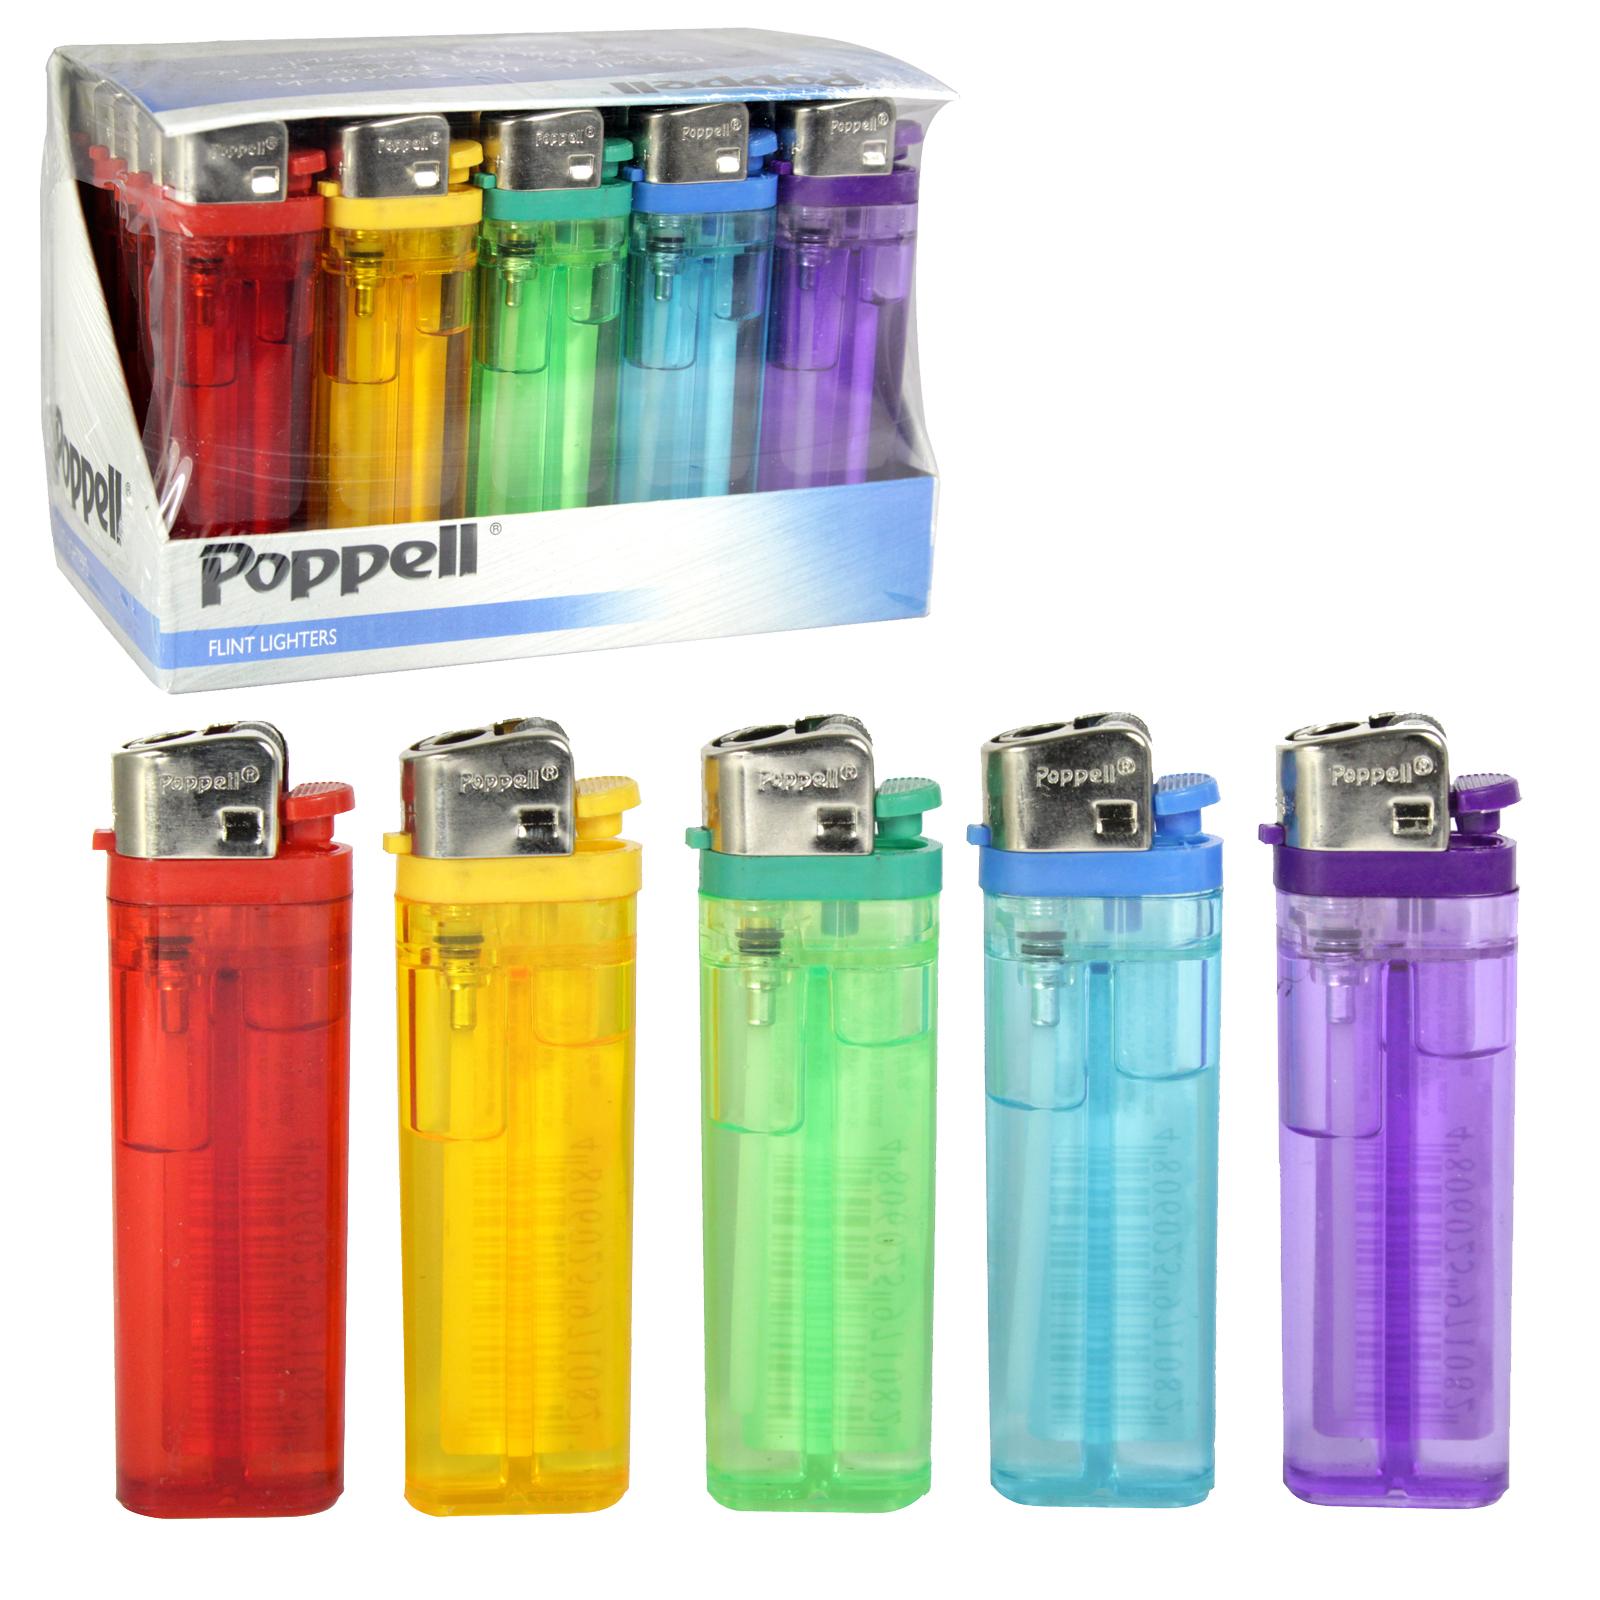 POPPELL FLINT LIGHTERS T25 X25